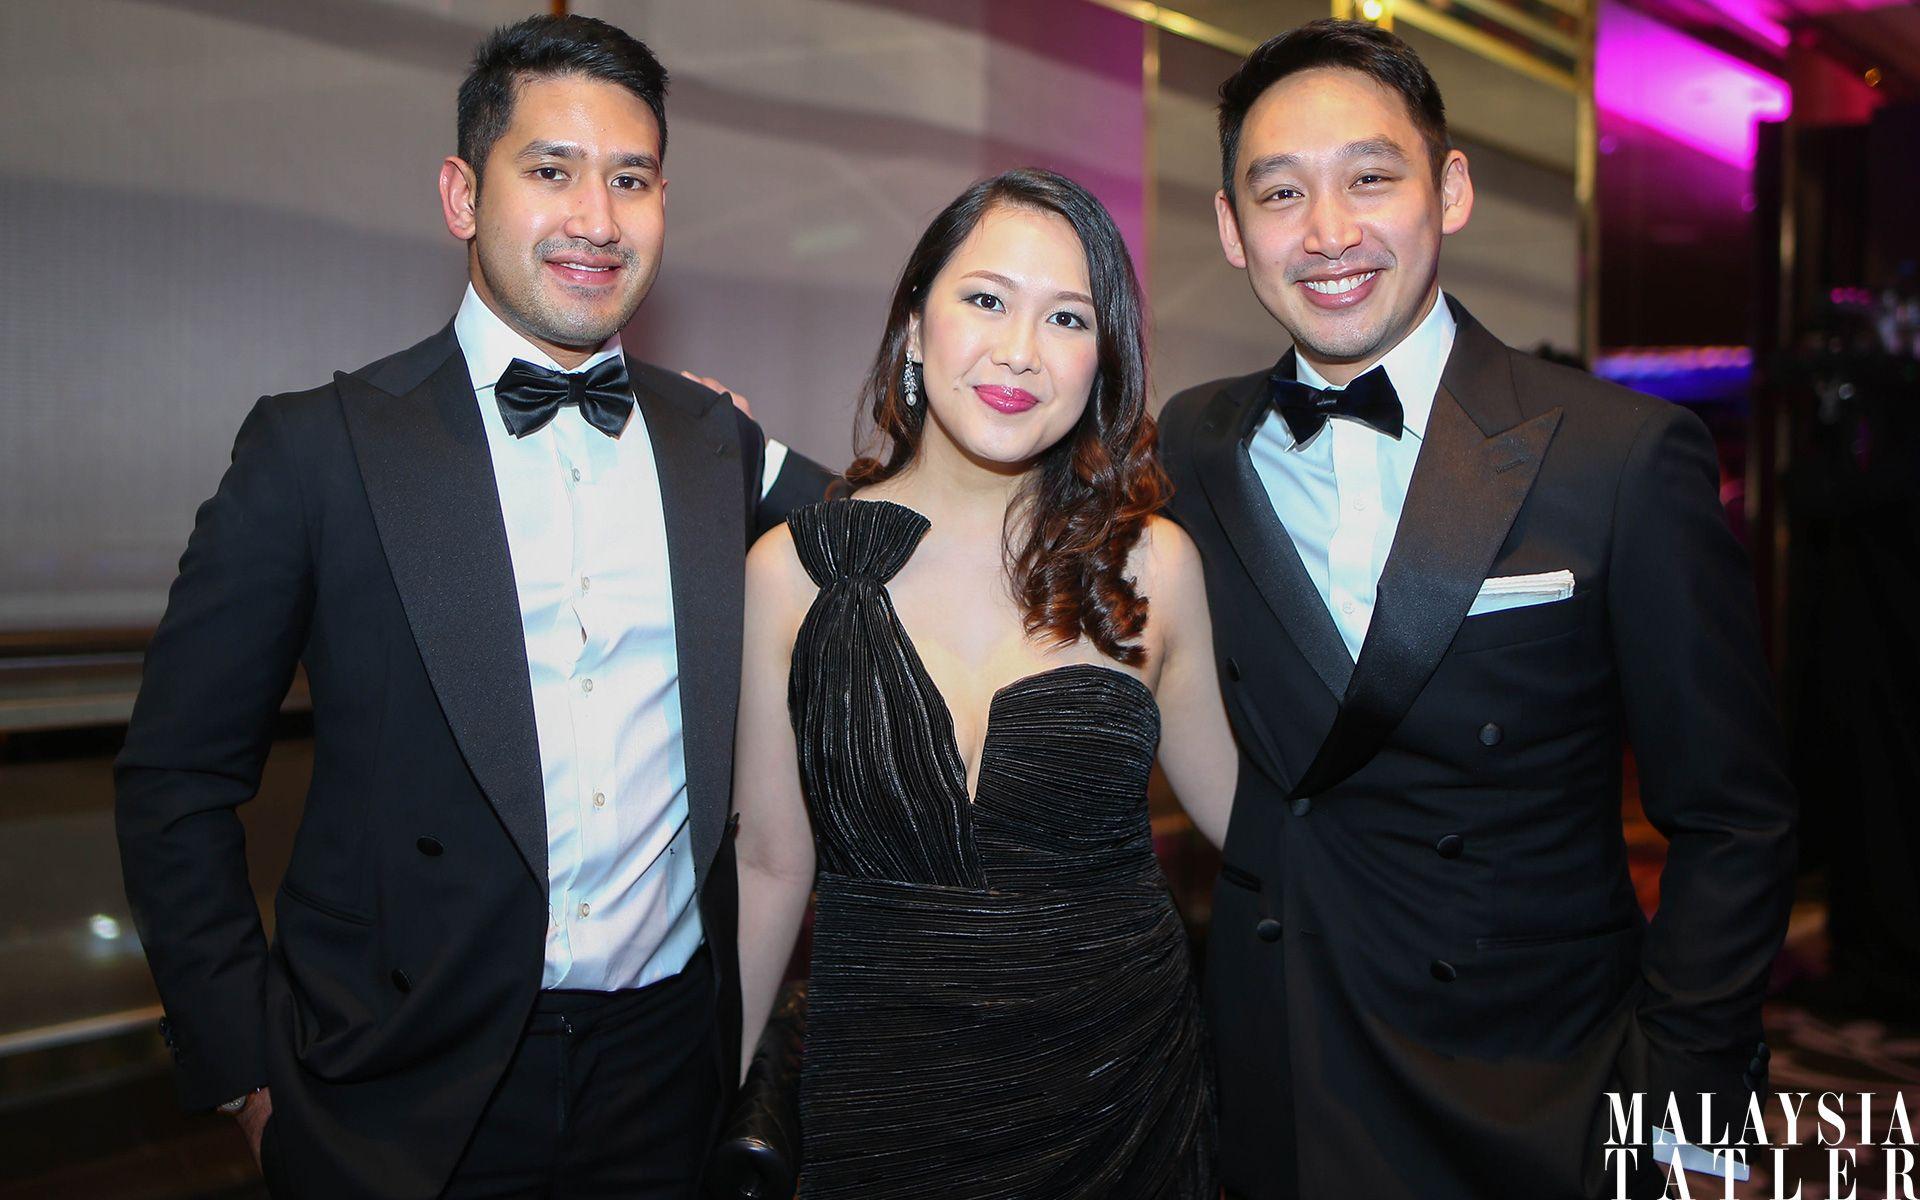 Devan Linus Rajadurai, Claire Ng and Donovan Ng